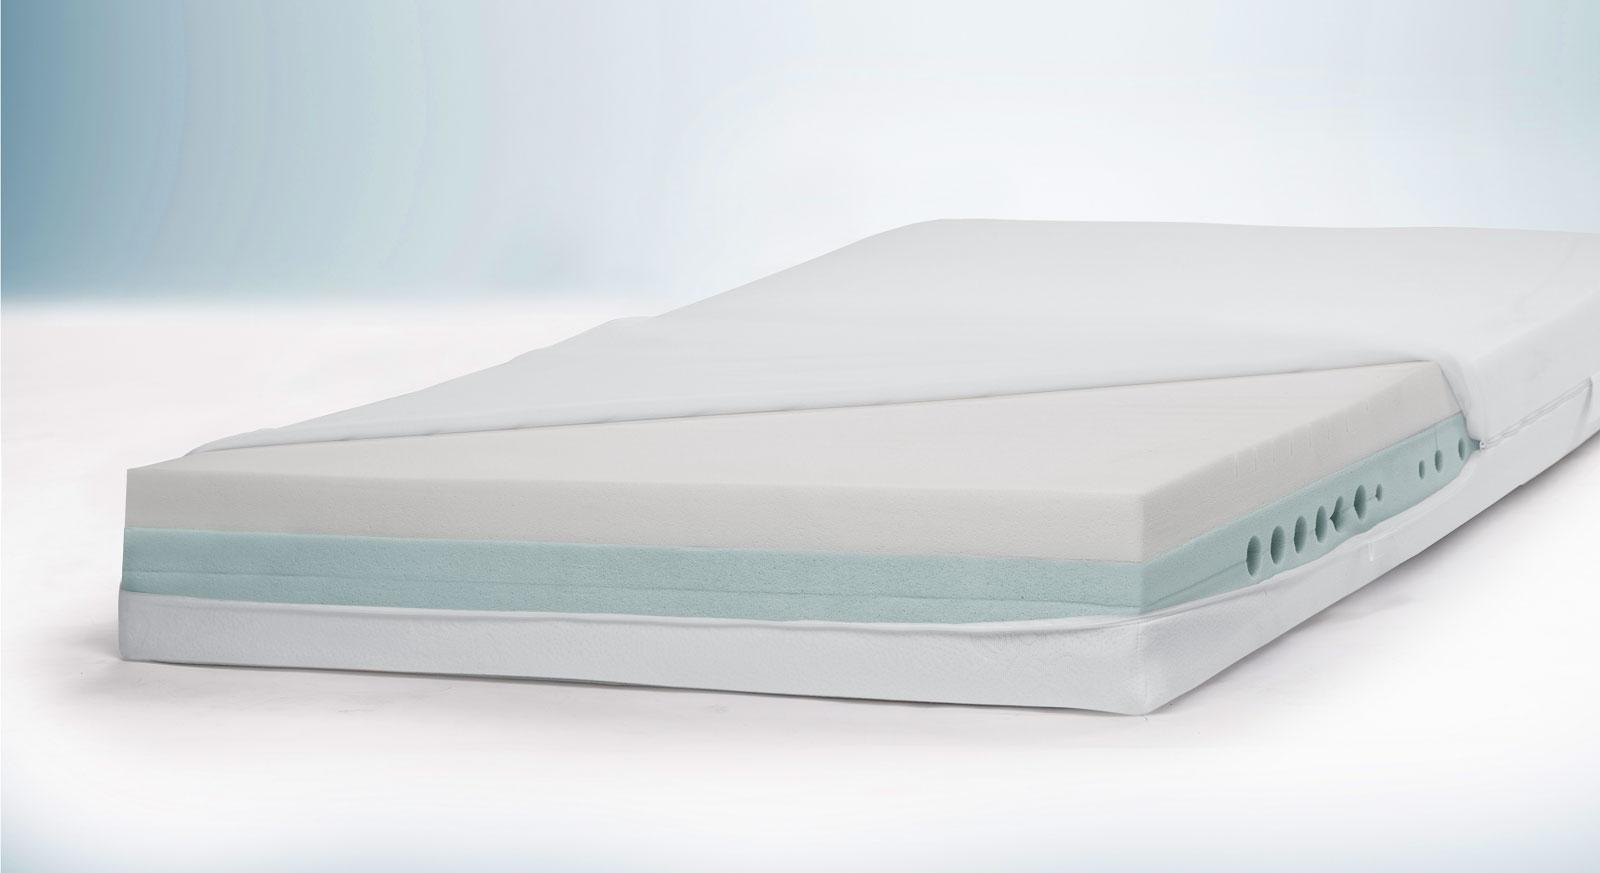 Kaltschaummatratze youSleep 600 inklusive Kern mit Mehrschichtaufbau